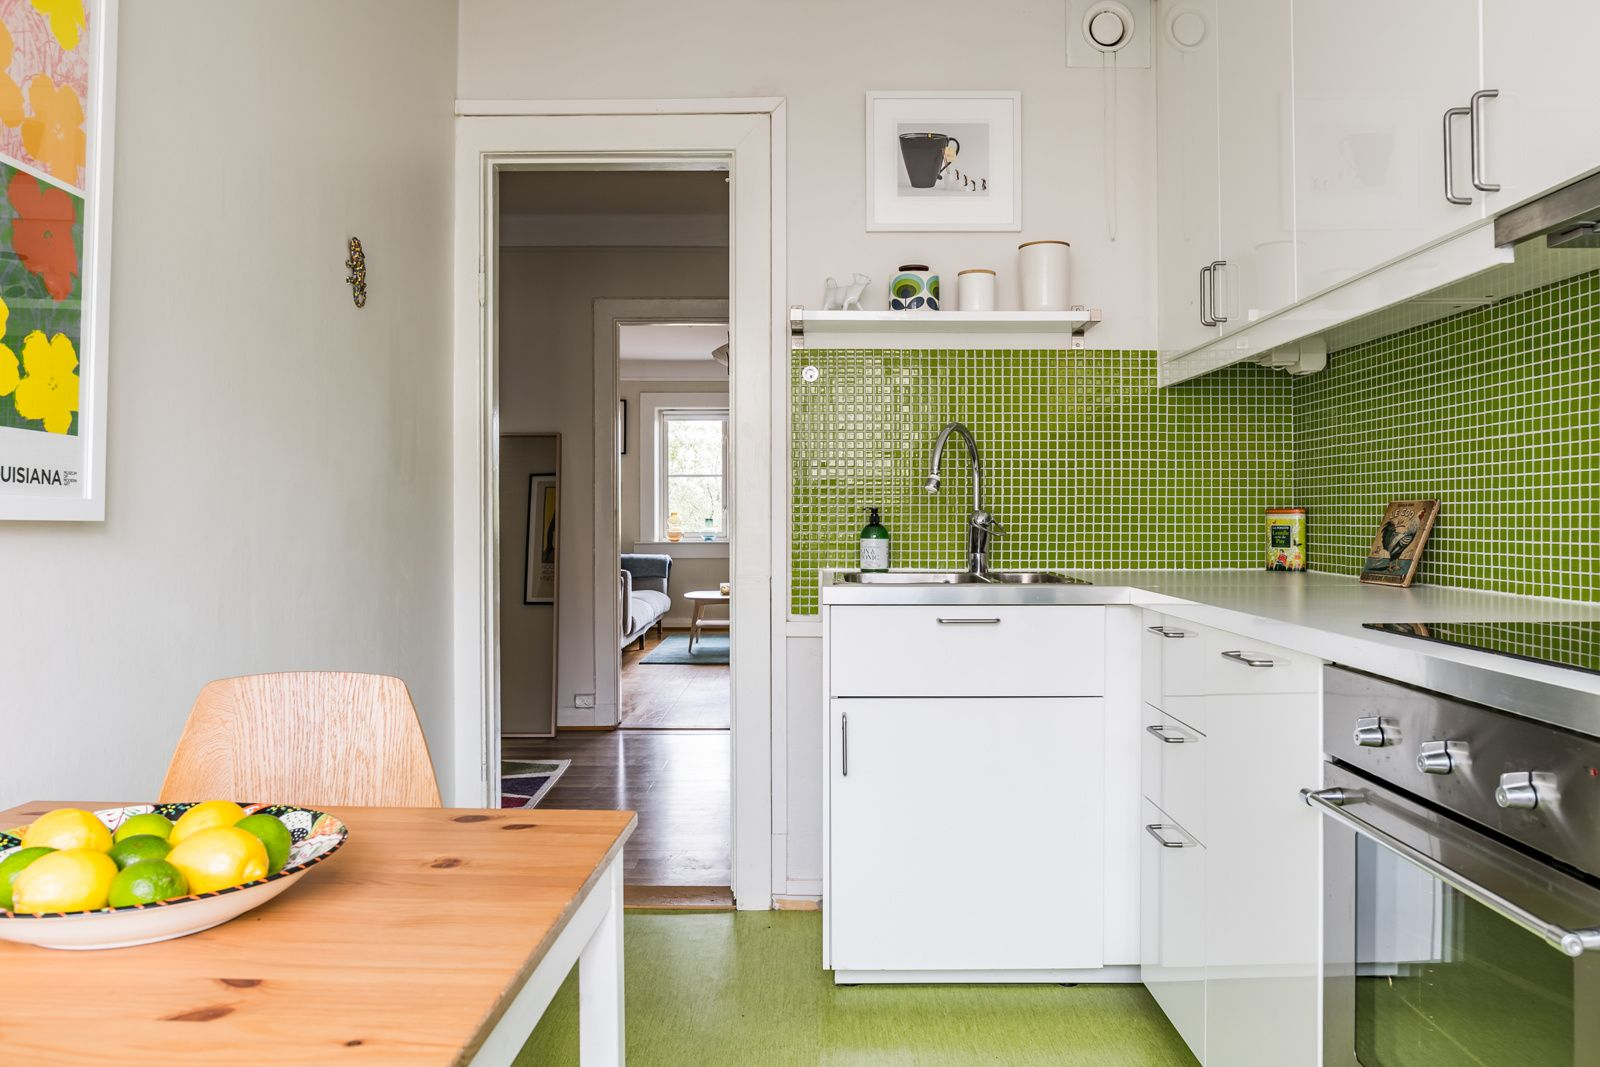 Etterstadsletta 4 I - Integrert stekeovn og kjeramisk platetopp. Ventilator med belysning og komfyrvakt. Integrert oppvaskmaskin. -